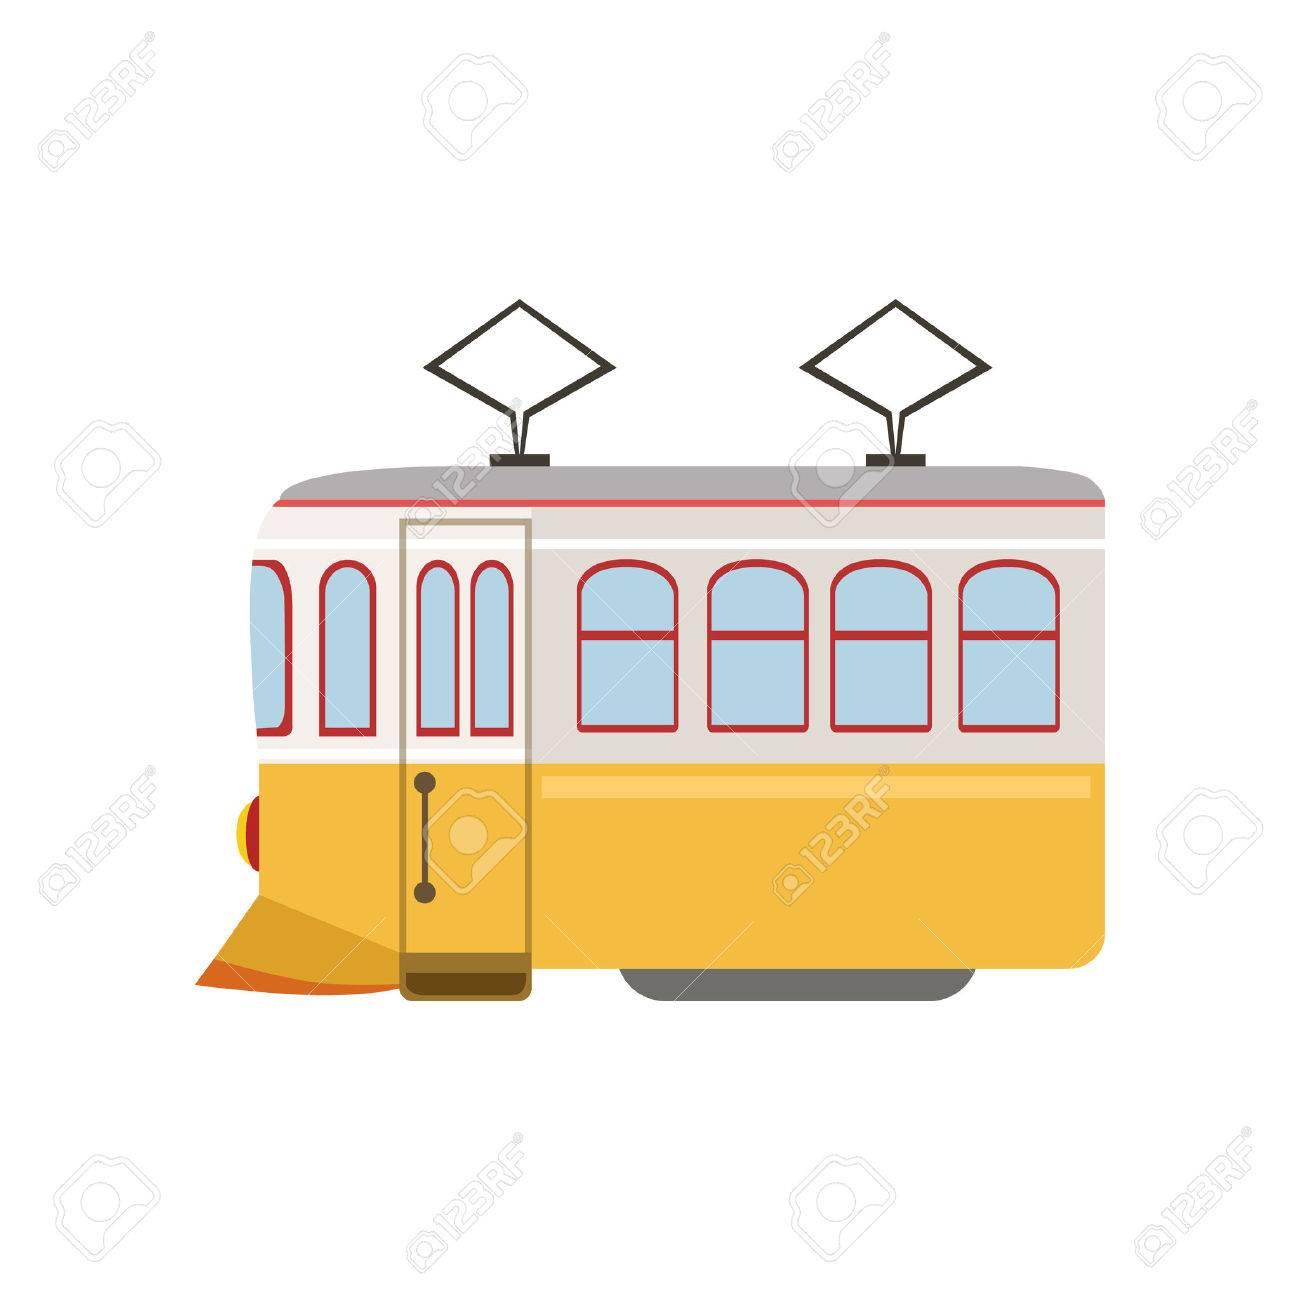 Tram Public Transportation Portuguese Famous Symbol Touristic